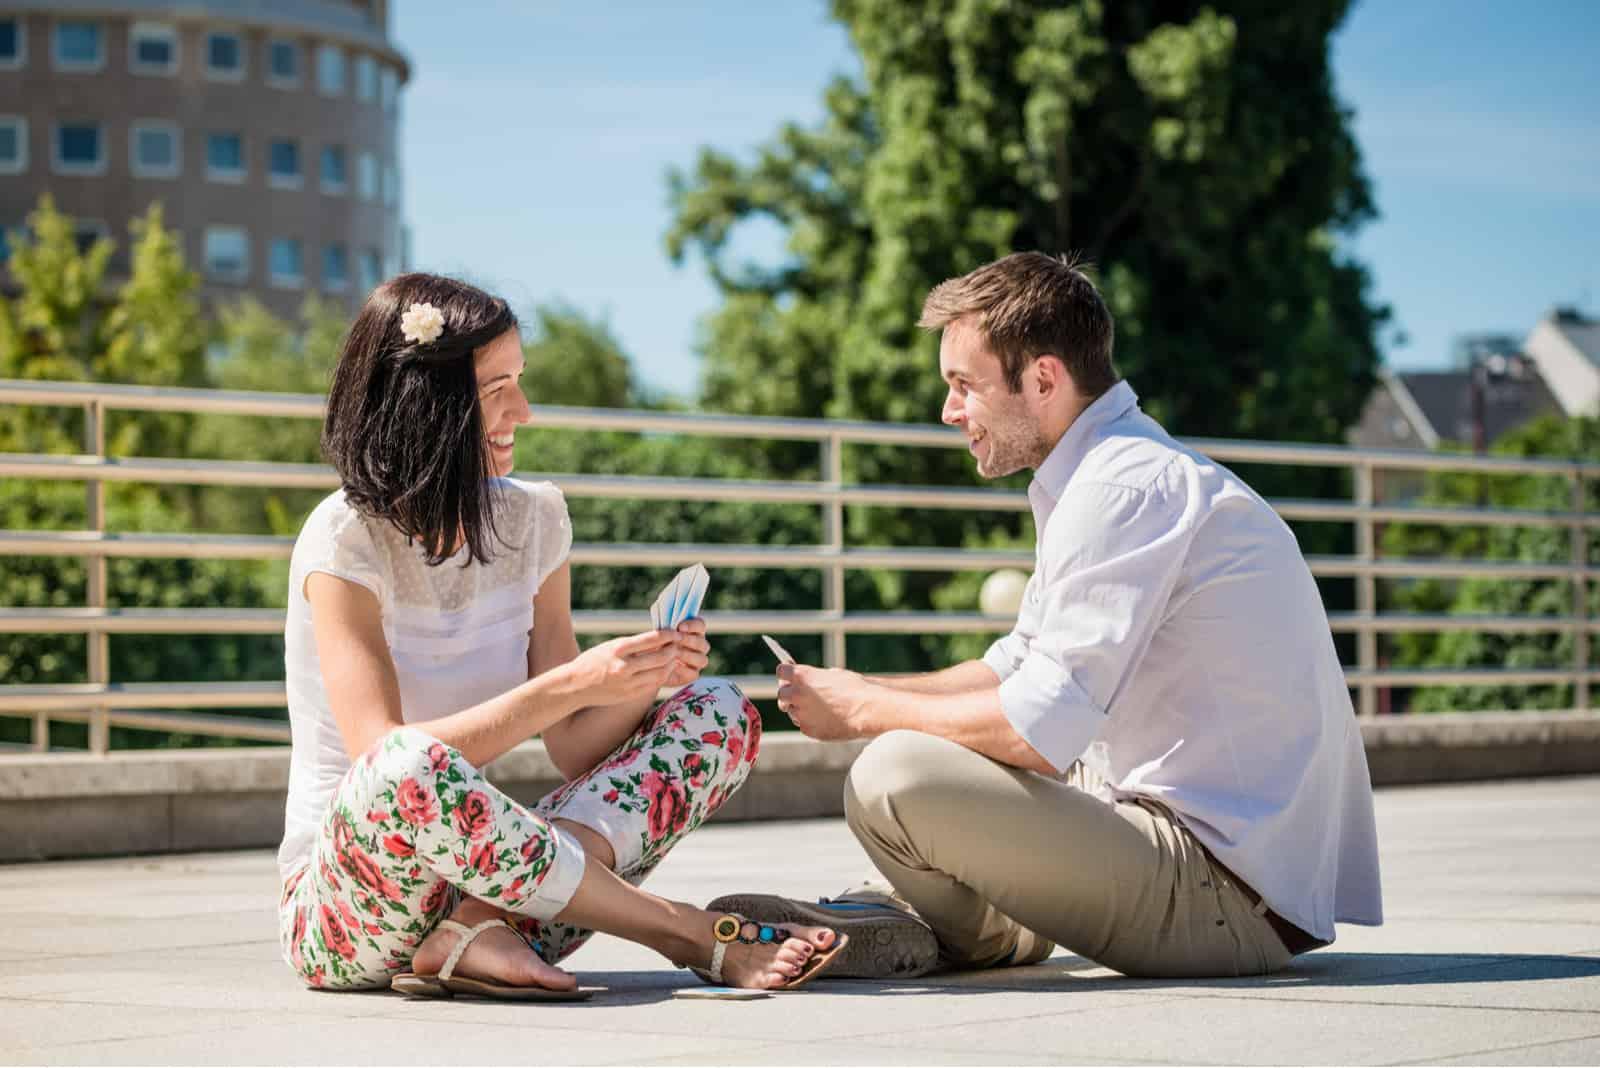 un homme et une femme s'assoient sur le béton et jouent aux cartes